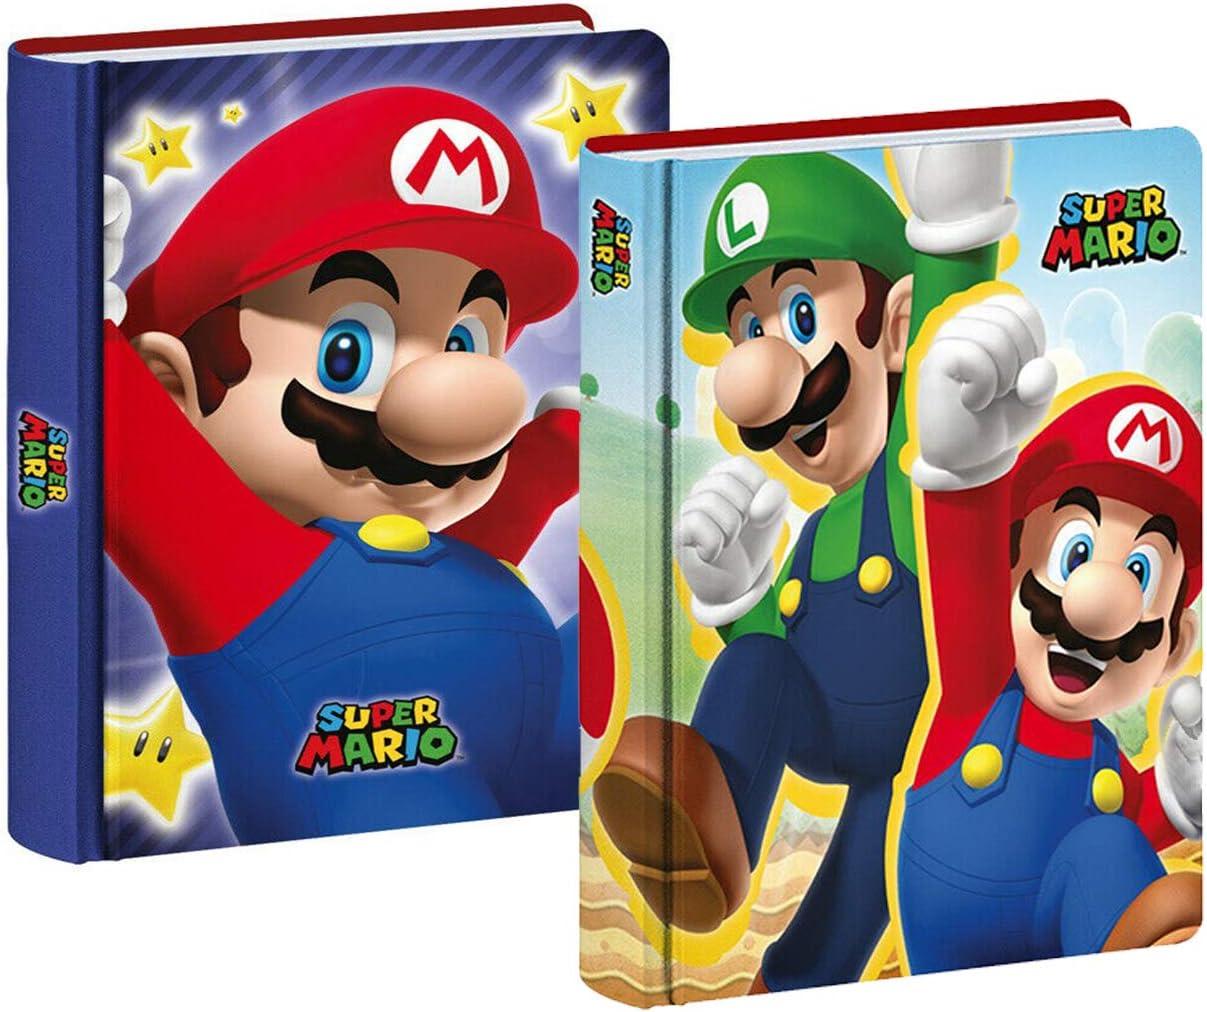 Irpot Escuela Diaria Super Mario Bros: Amazon.es: Juguetes y juegos